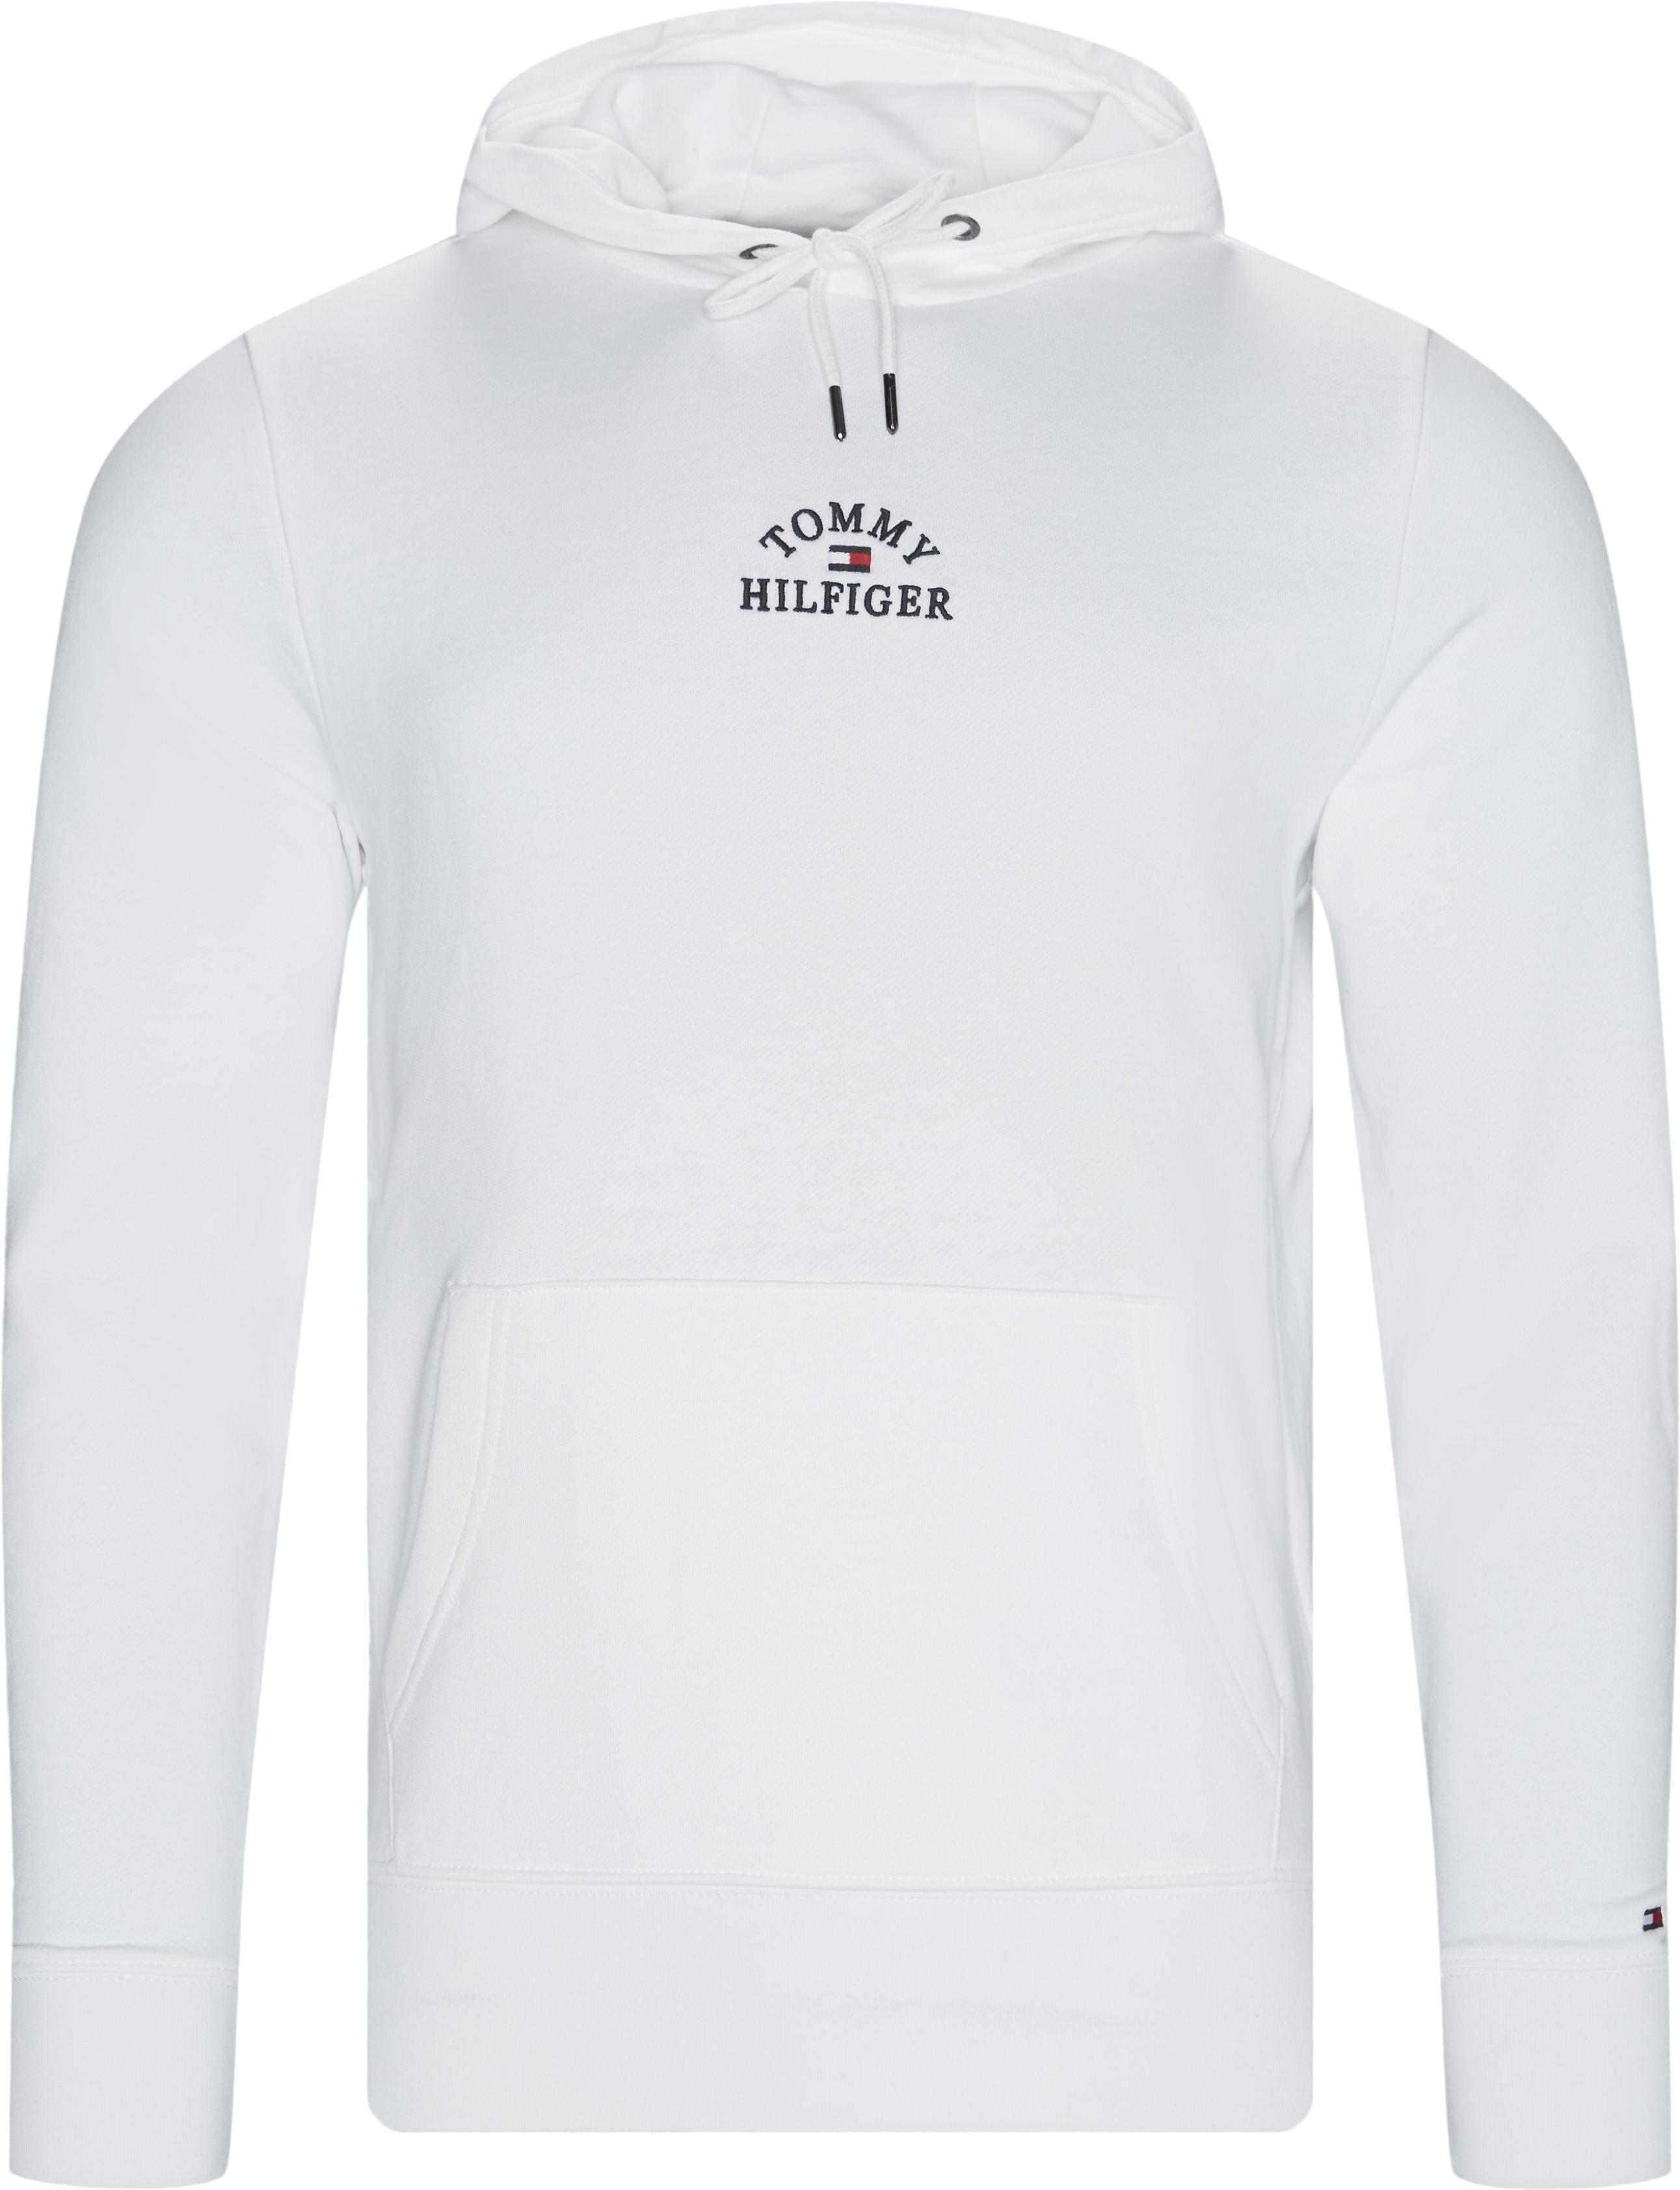 Tommy Hilfiger Herren Basic Embroidered Sweatshirt